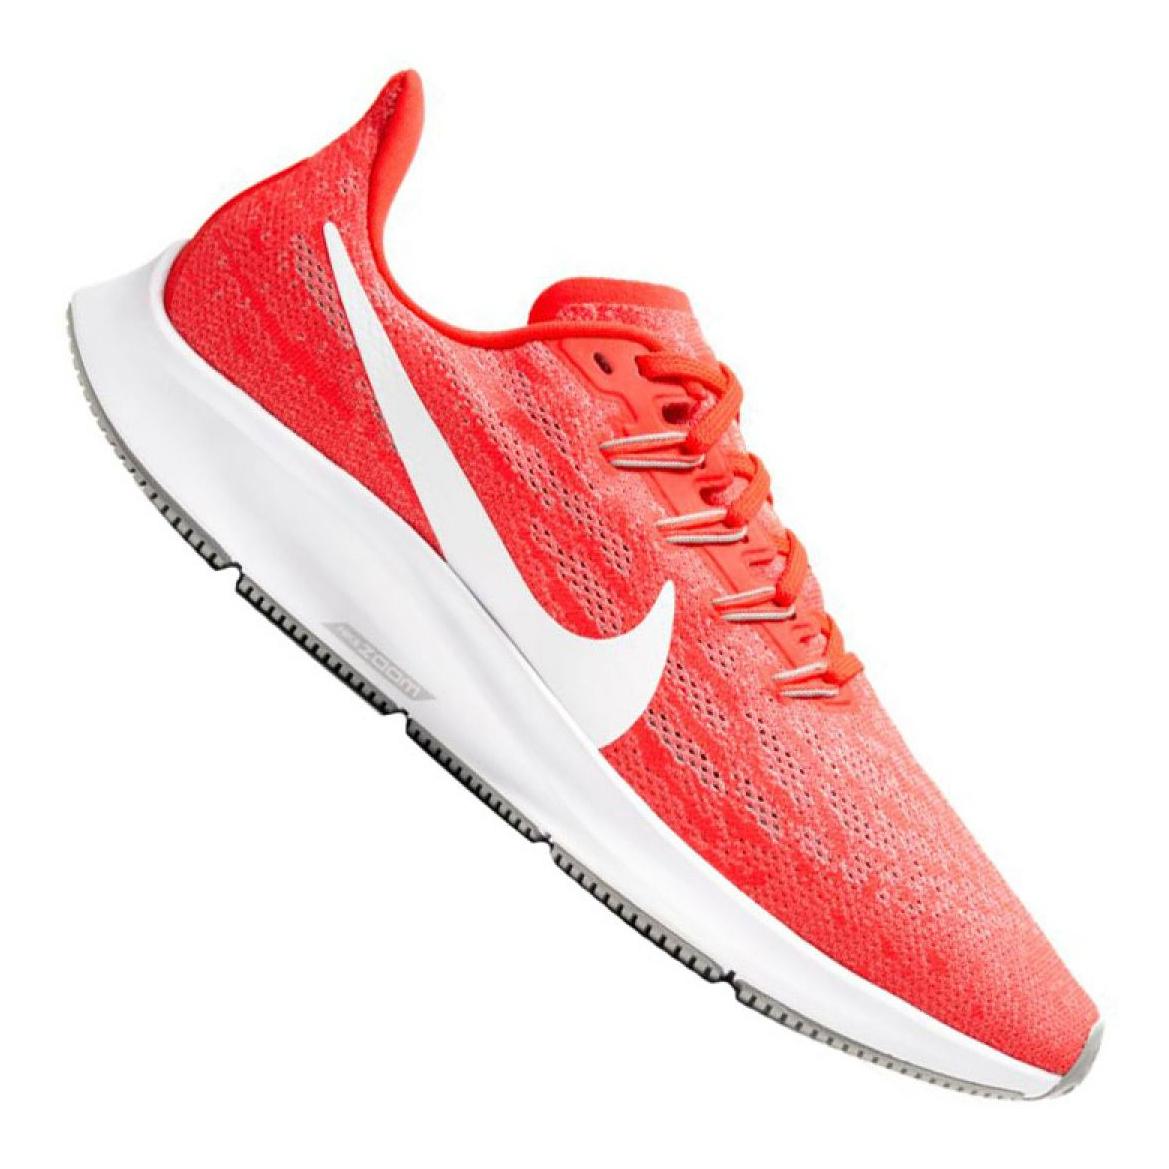 Détails sur Chaussures Nike Air Zoom Pegasus 36 M AQ2203 602 rouge